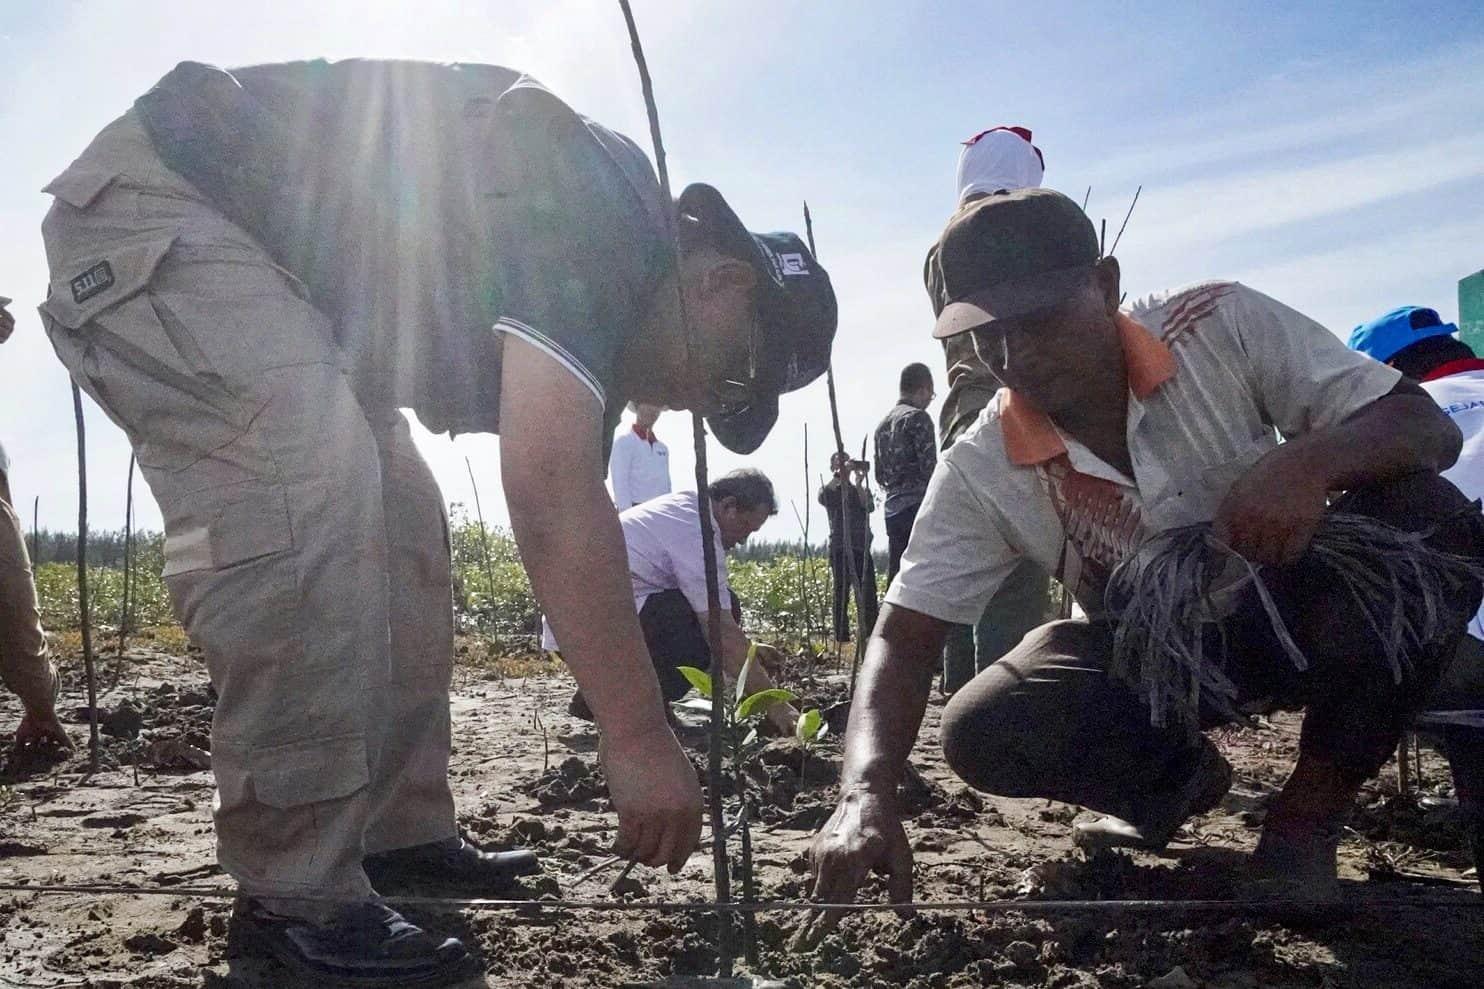 Berkunjung Ke Aceh, Deputi Agung Tanam 100 Mangrove